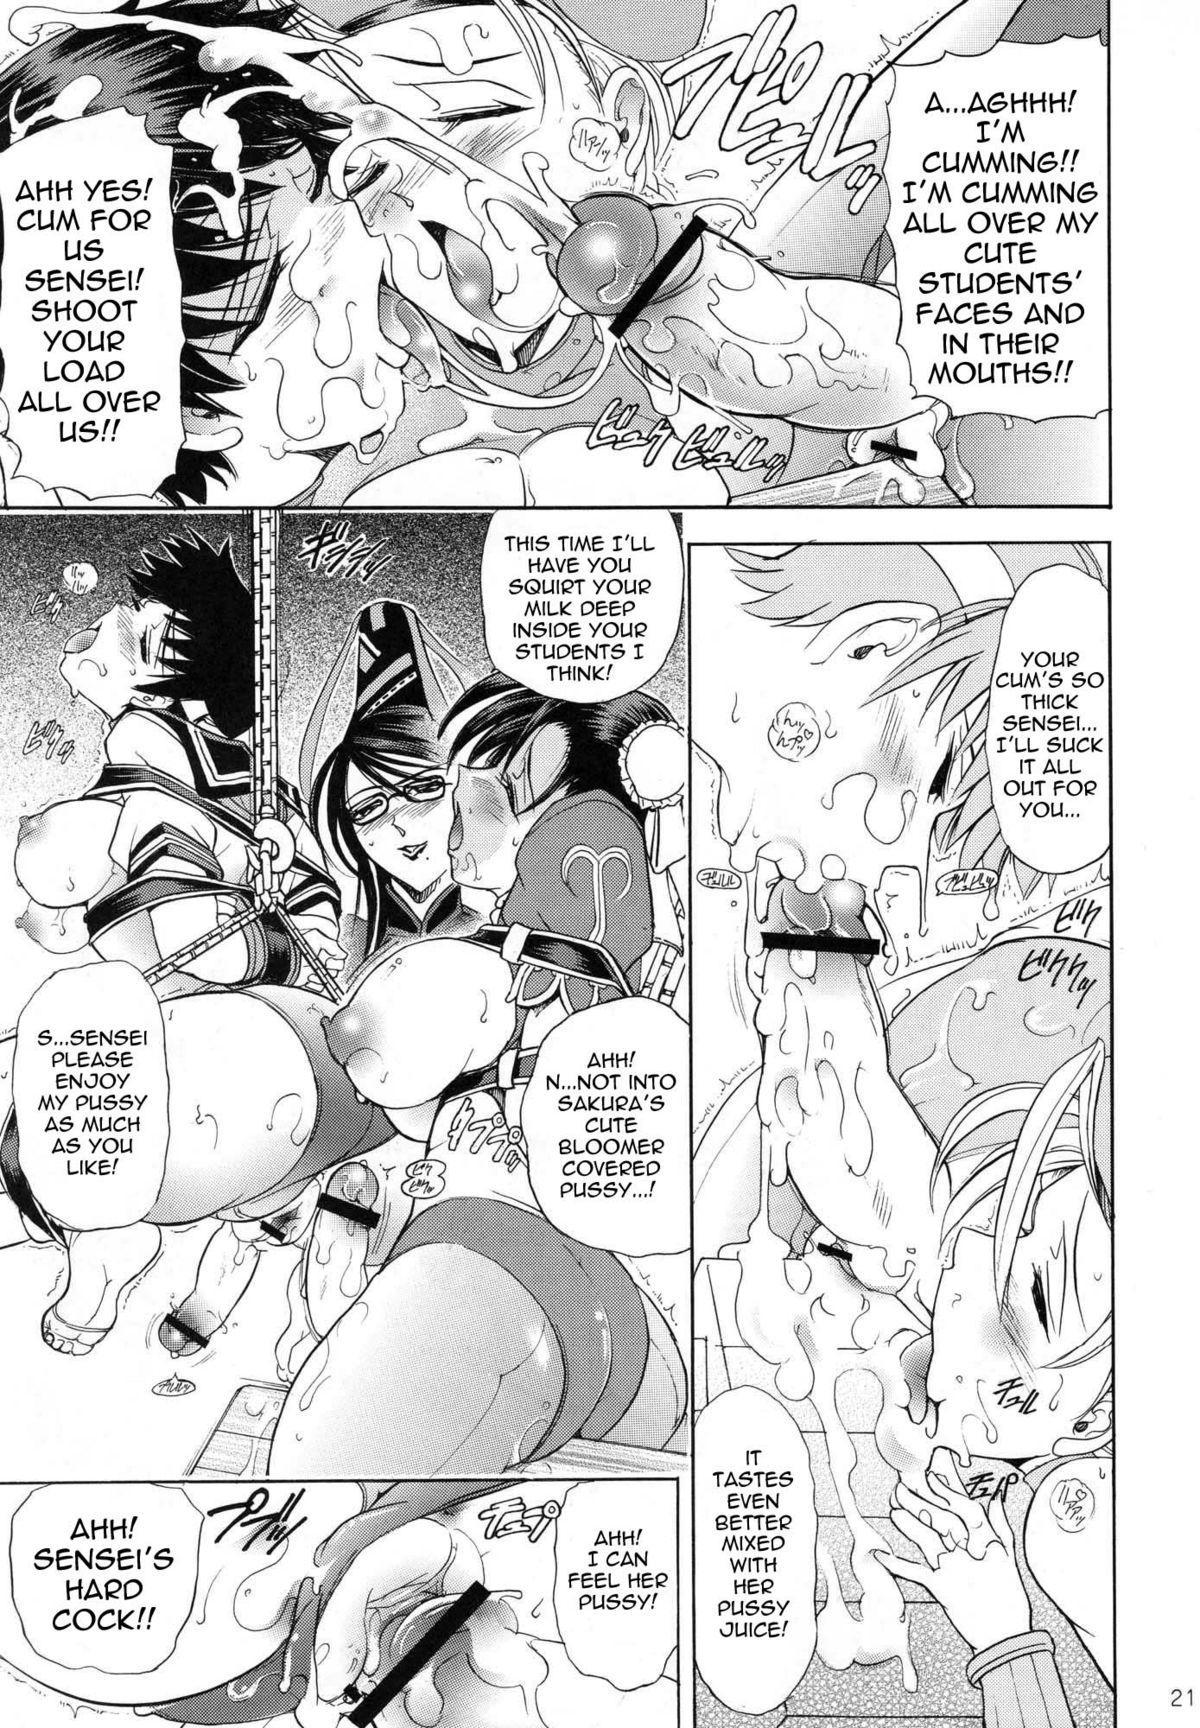 (C77) [Kawaraya Honpo (Kawaraya A-ta)] Hana - Maki no Juukyuu - Kuroki Hana (Bayonetta, Street Fighter, Darkstalkers) [English] {doujin-moe.us} 19